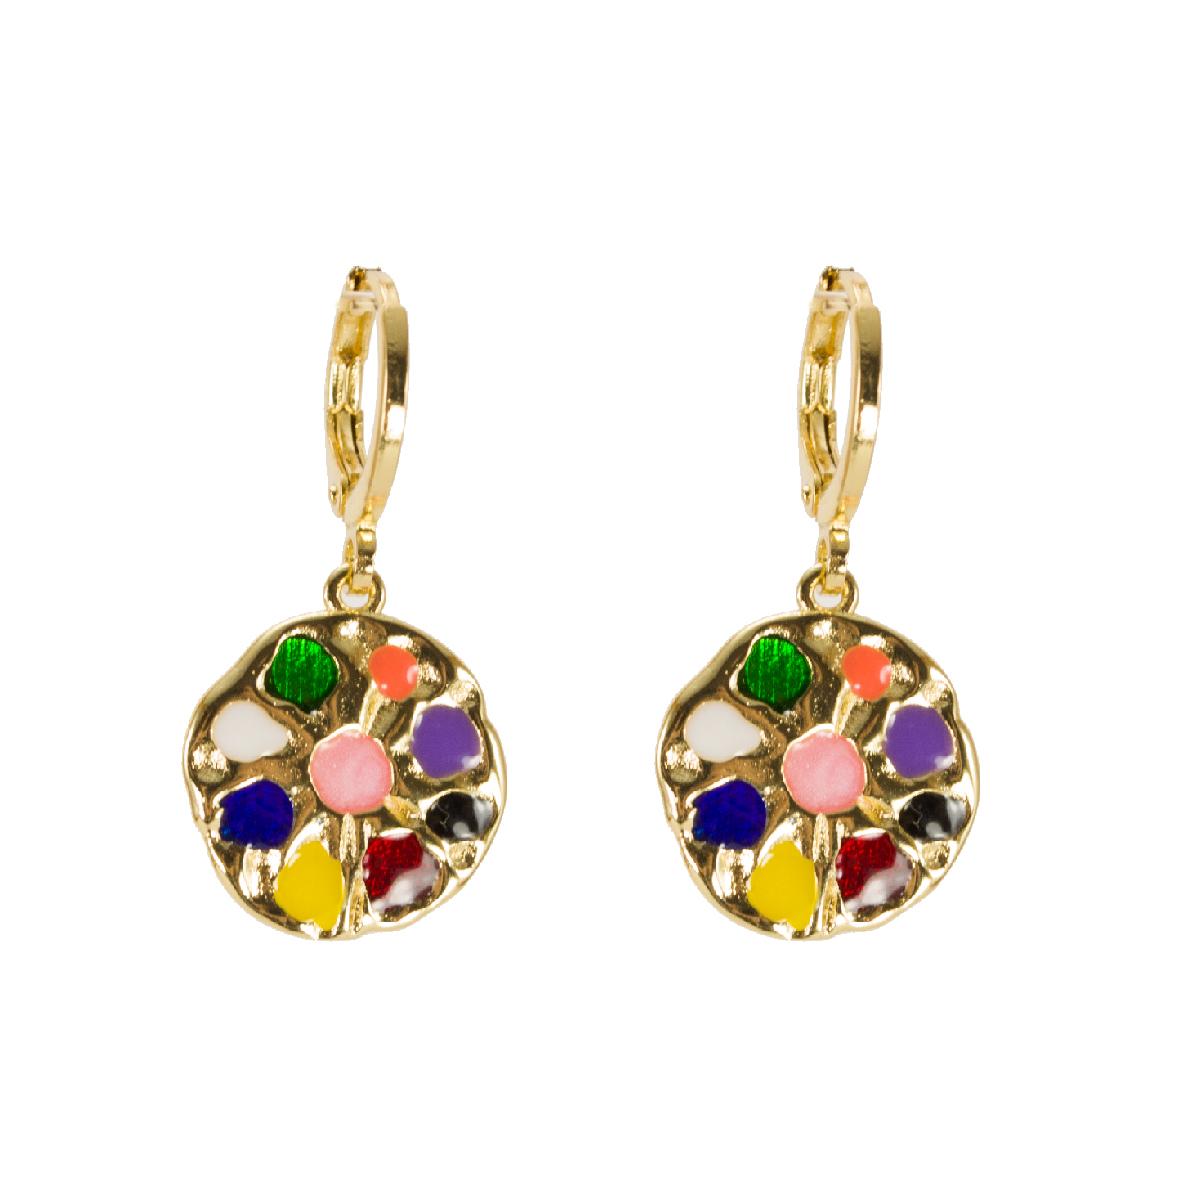 Brinco semi jóias esmaltado colorido